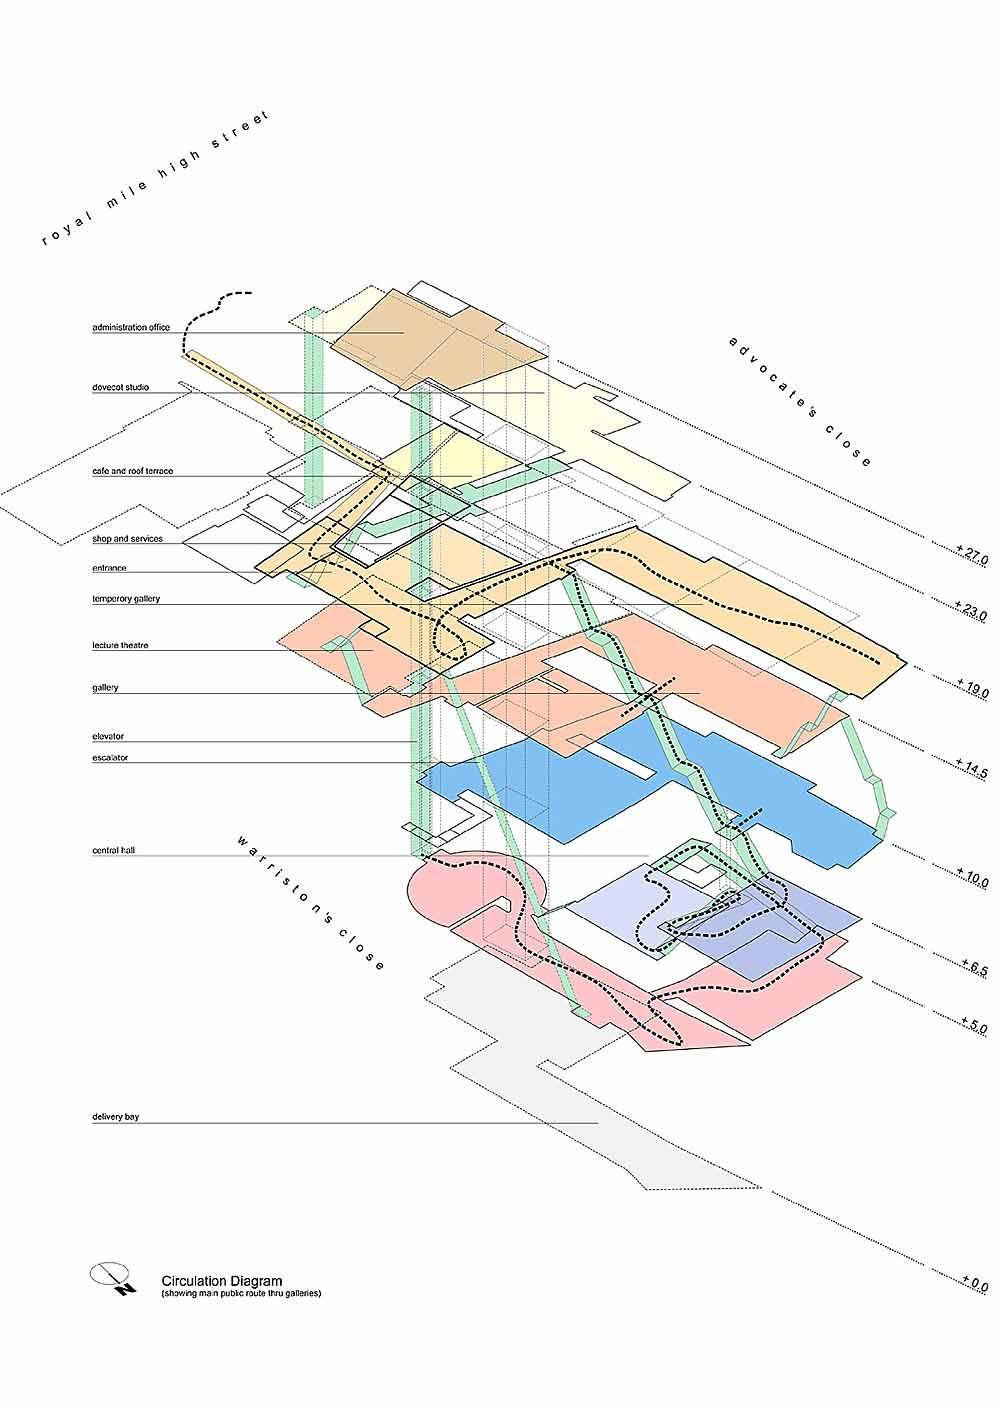 Program diagrams architecture google search arch diagrams - Architectural Circulation Diagram Google Search